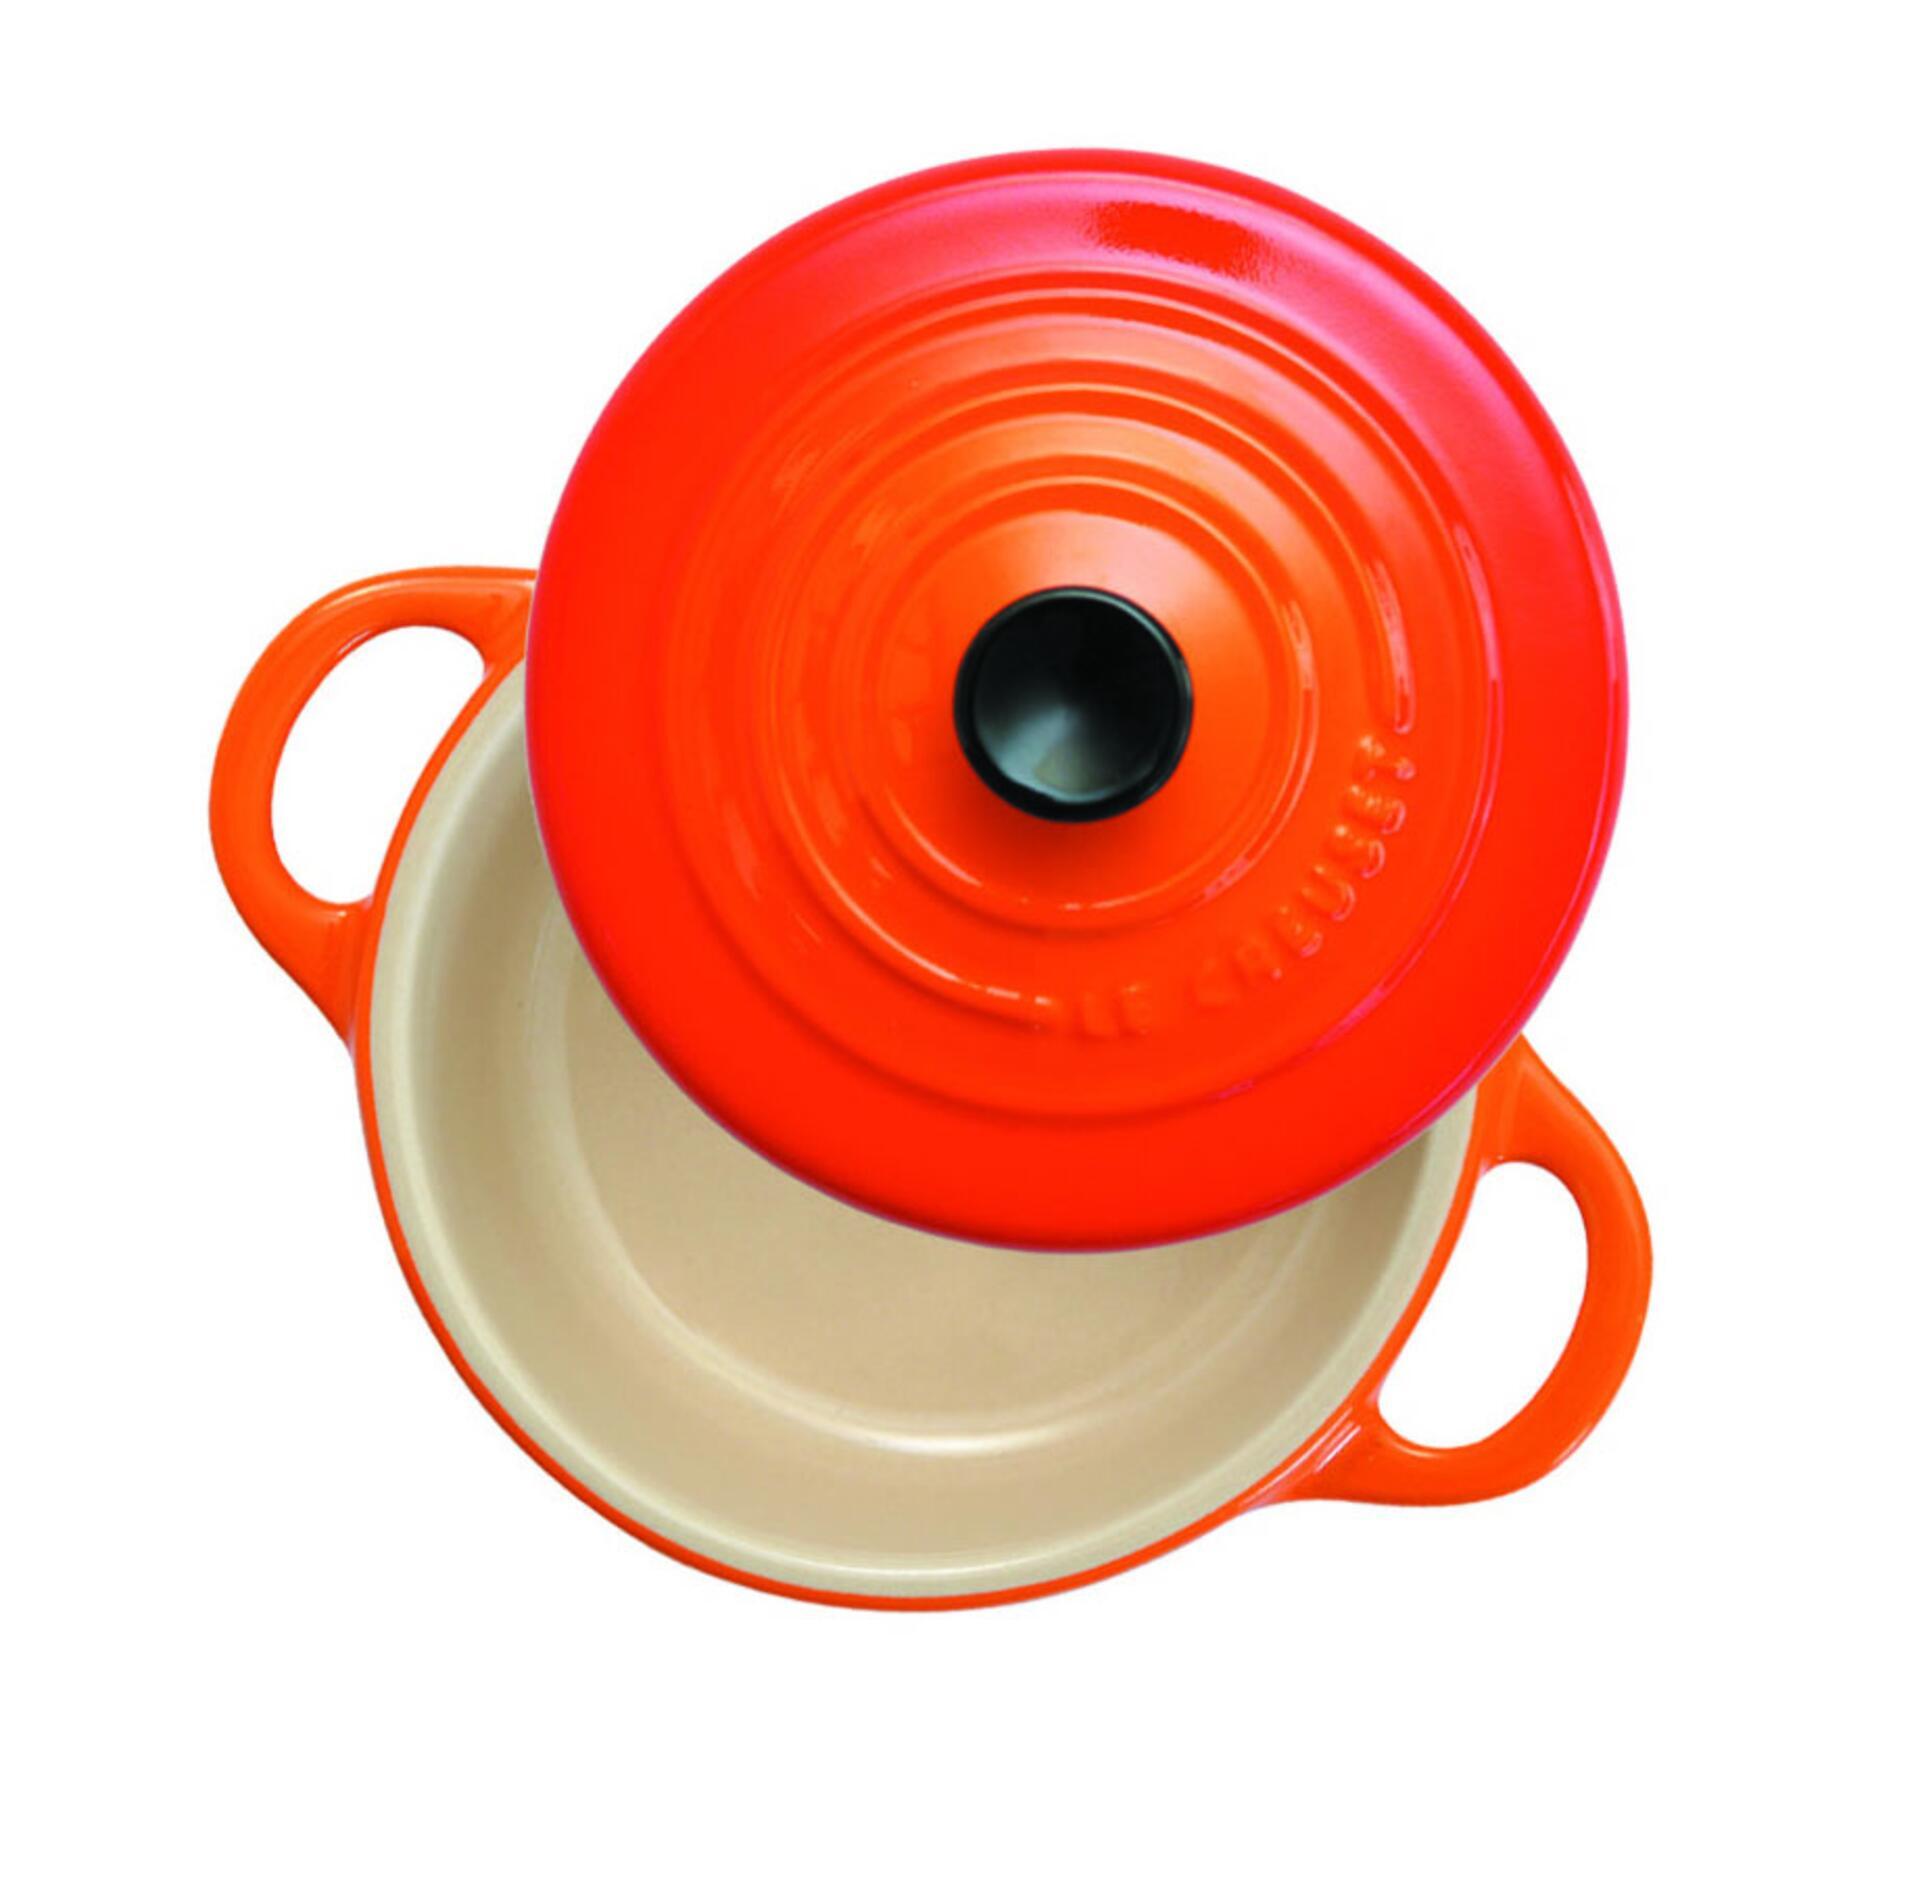 Le Creuset Mini Cocotte 4er Set 10 cm 0,2 l Deep Teal